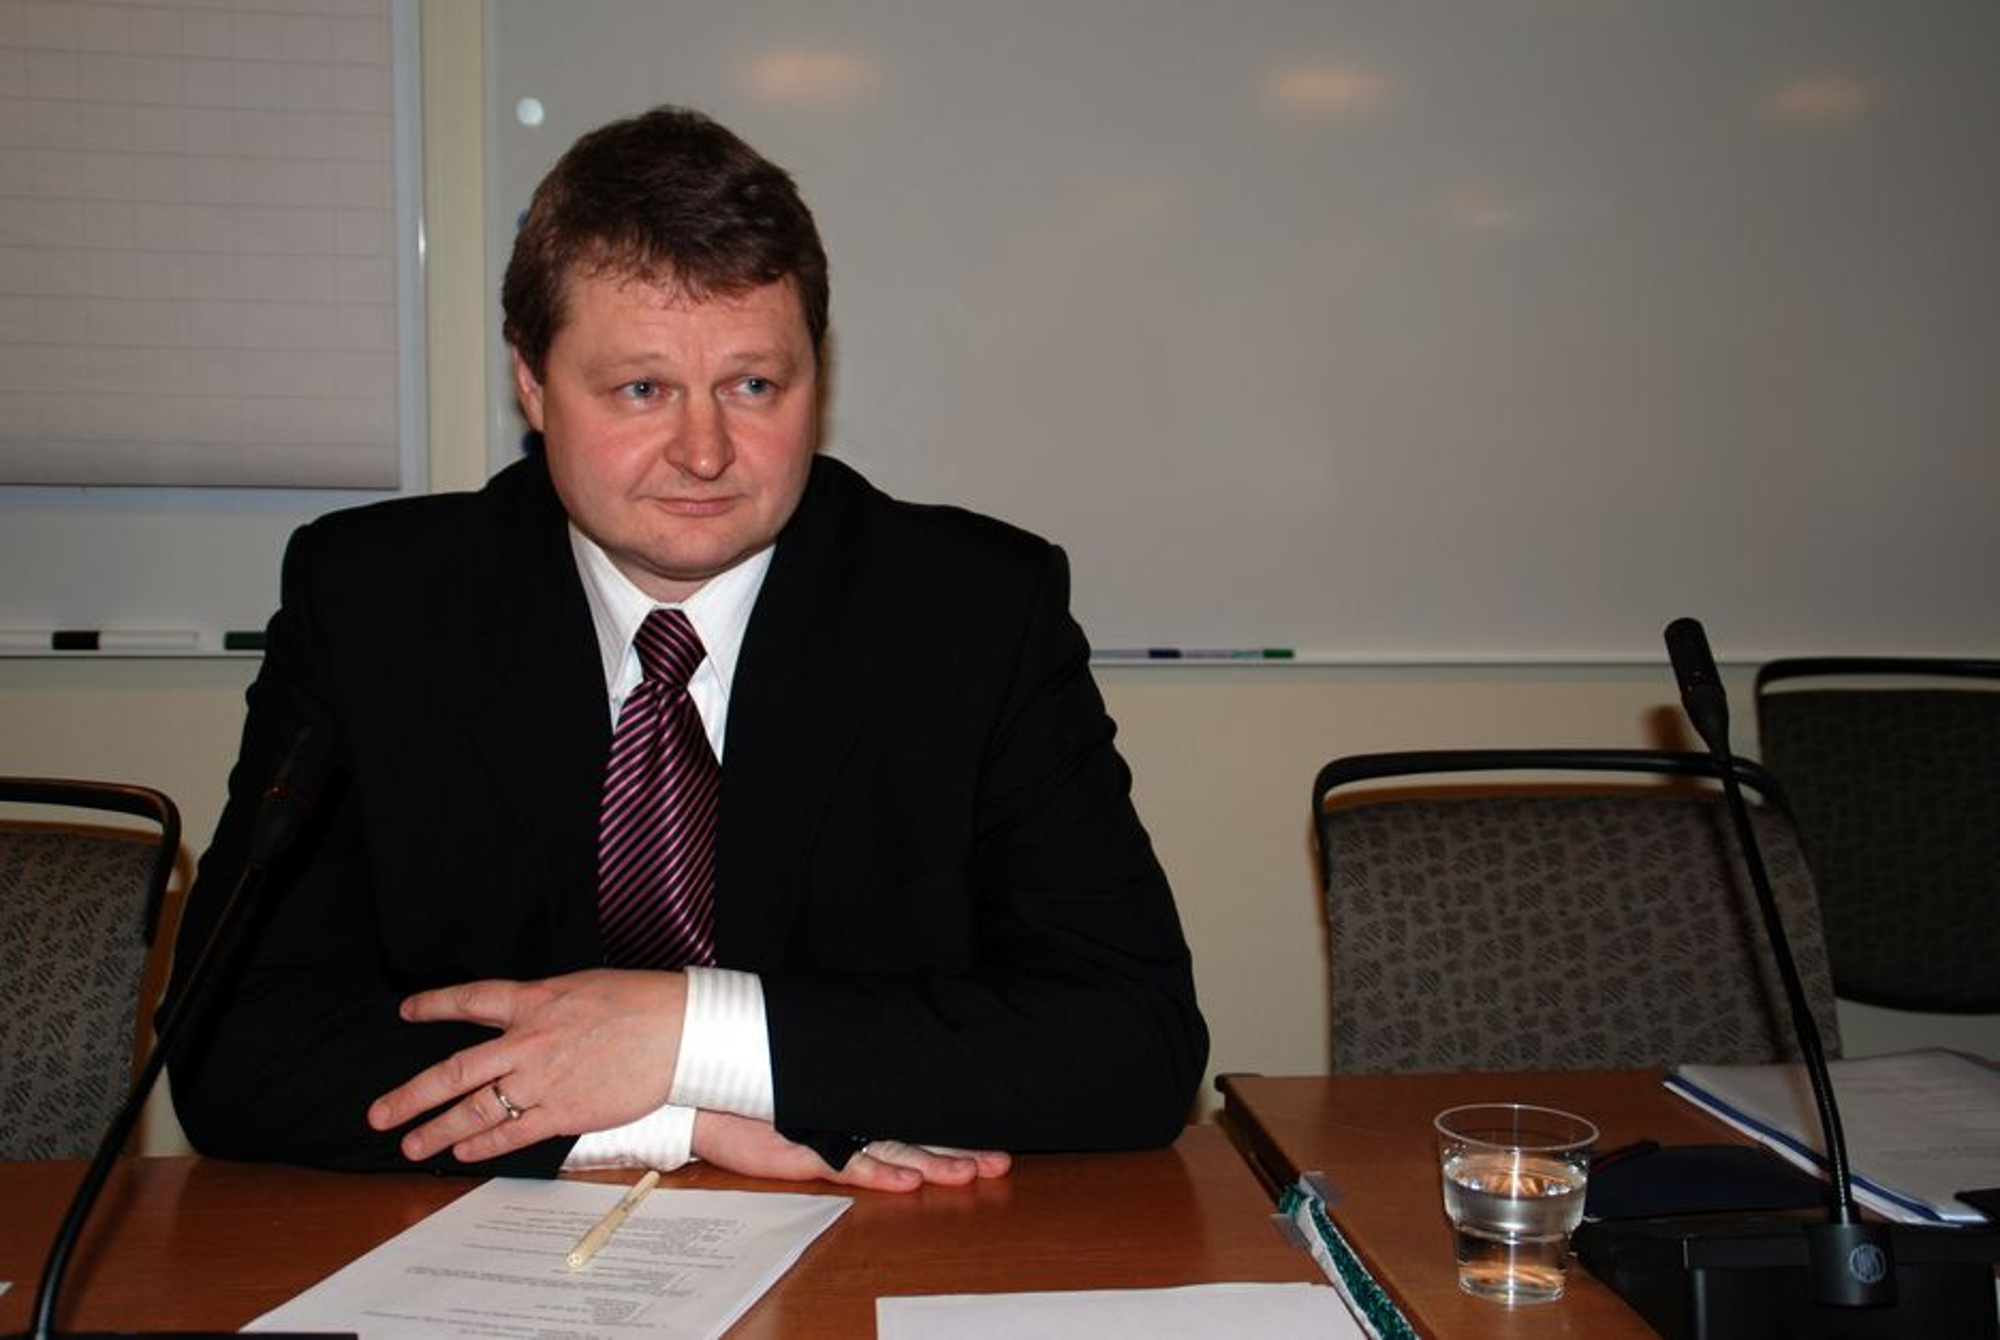 Daglig leder i Lodic AS, Gisle Fiksdal, som tidligere har jobbet ved Marintek, utgjør Undersøkelseskommisjonens kompetanse på stabilitet.